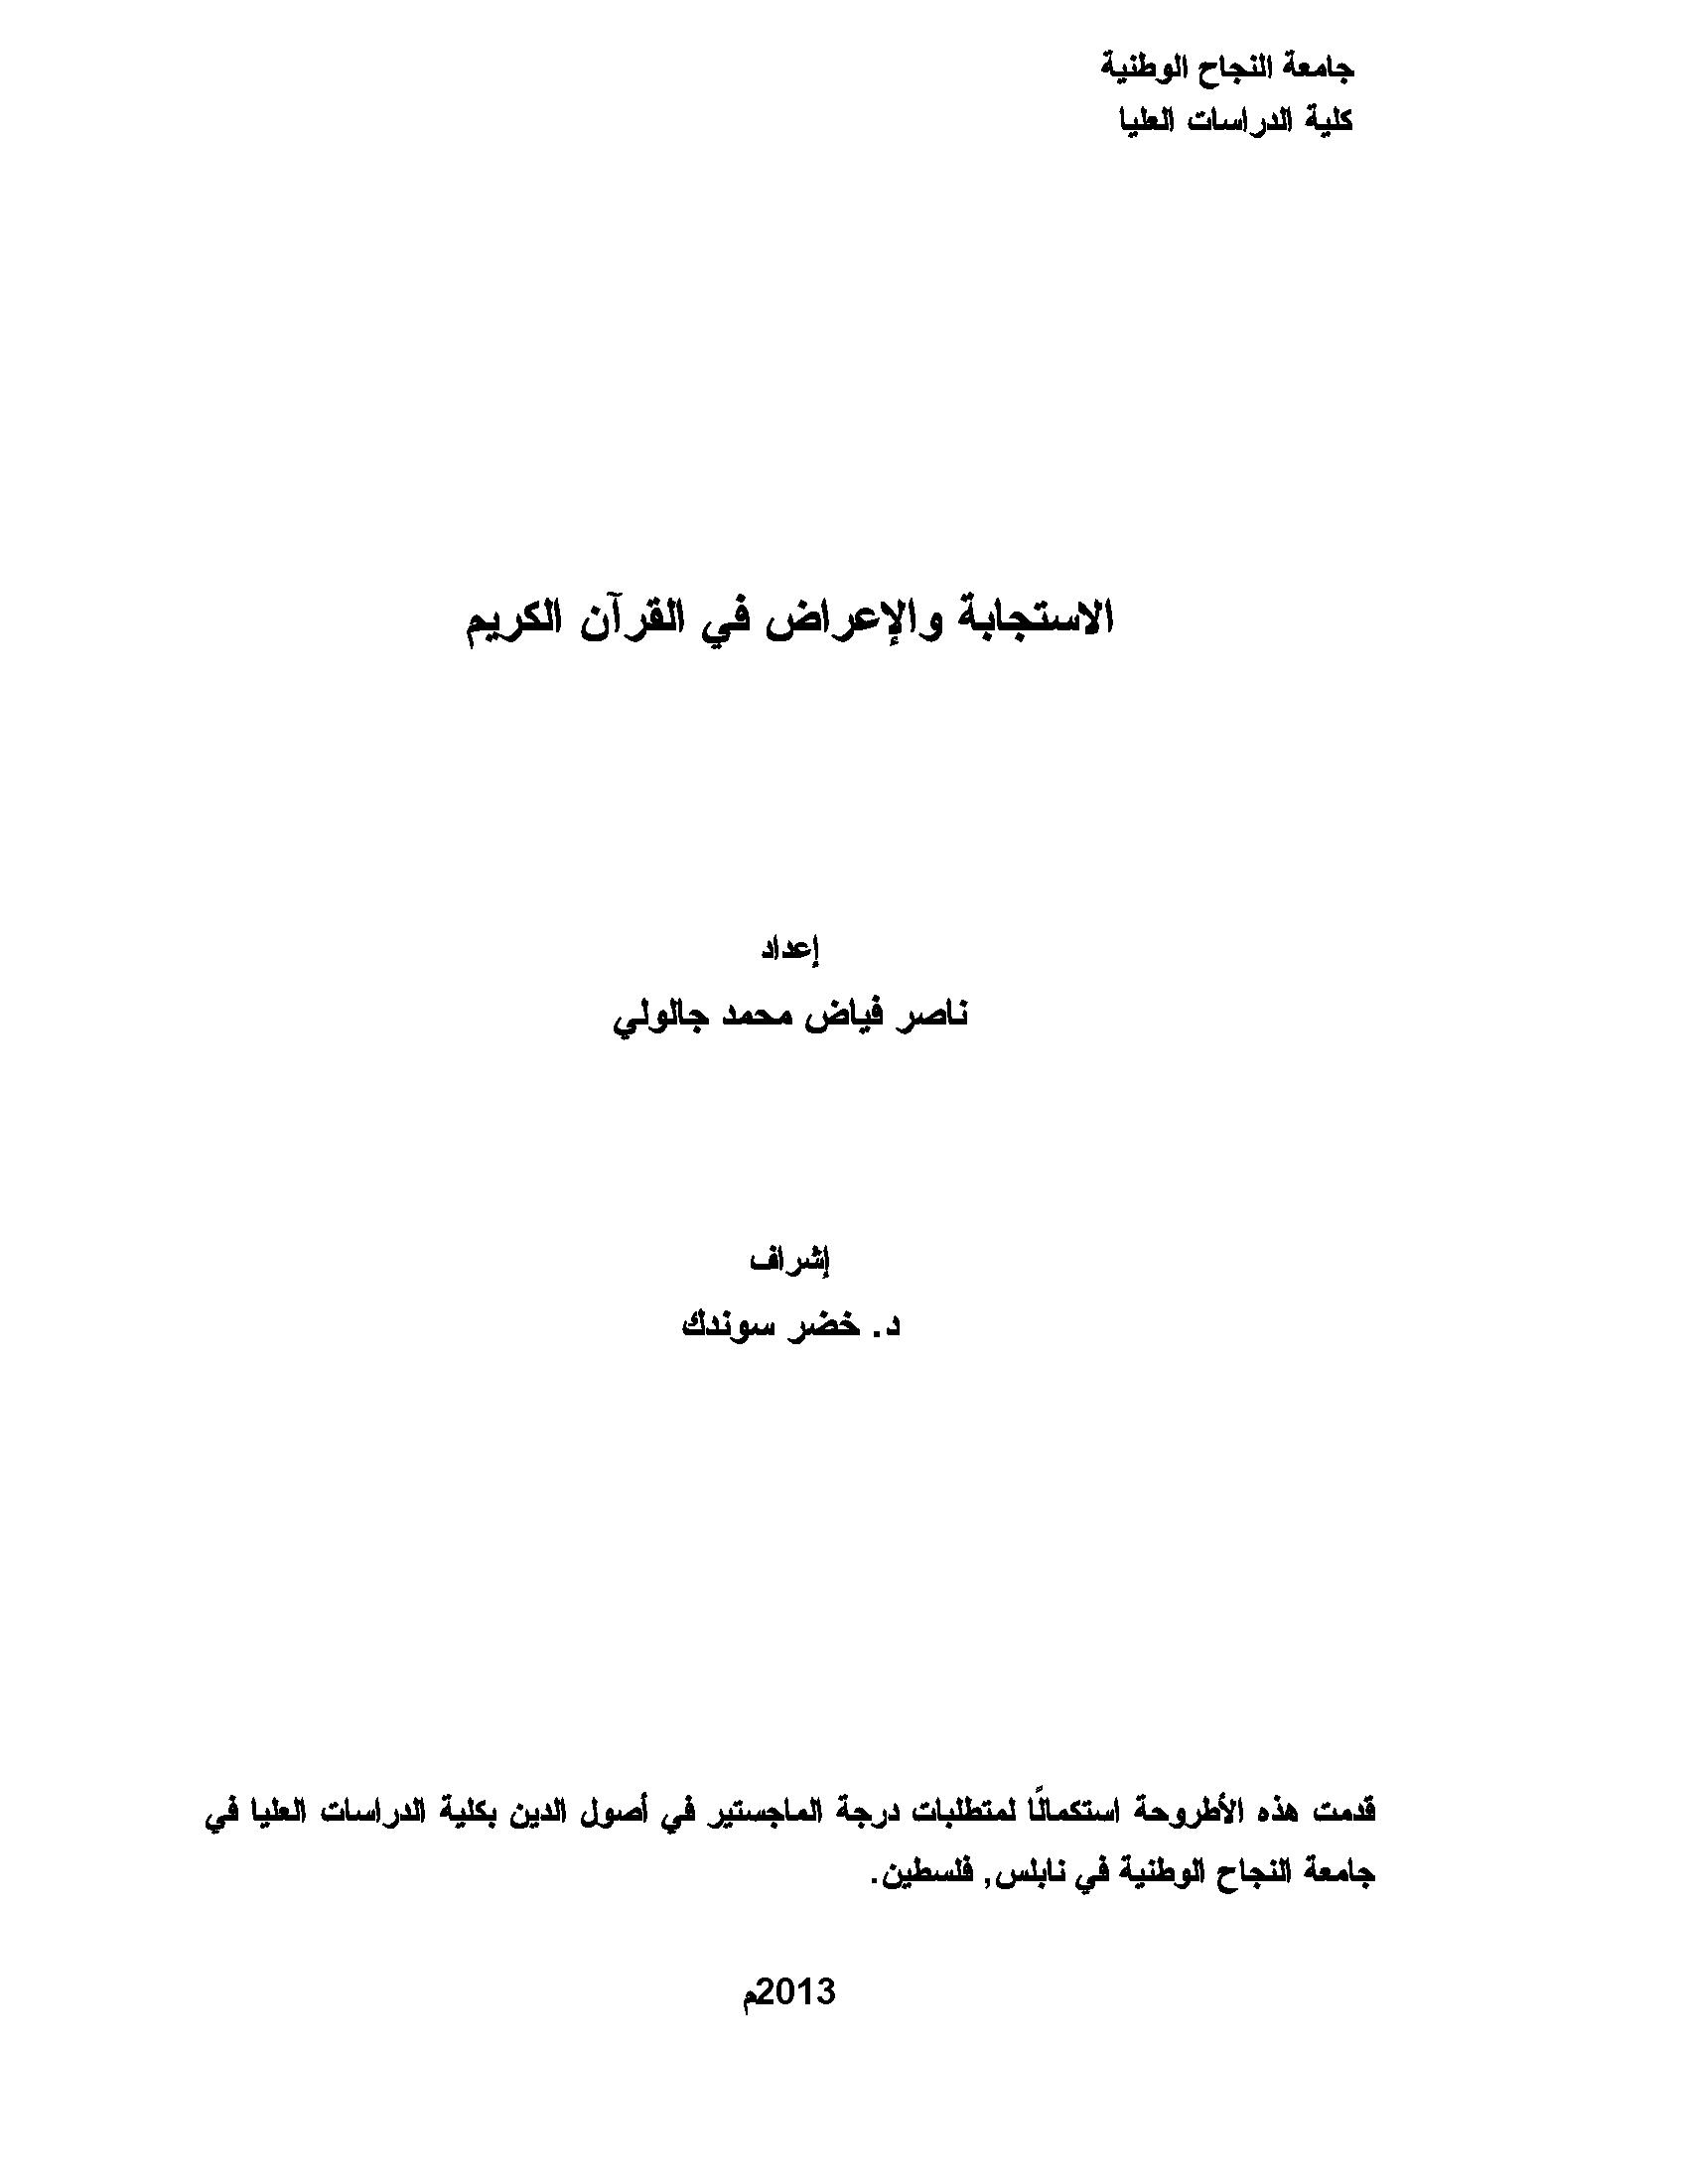 تحميل كتاب الاستجابة والإعراض في القرآن الكريم لـِ: ناصر فياض محمد جالولي